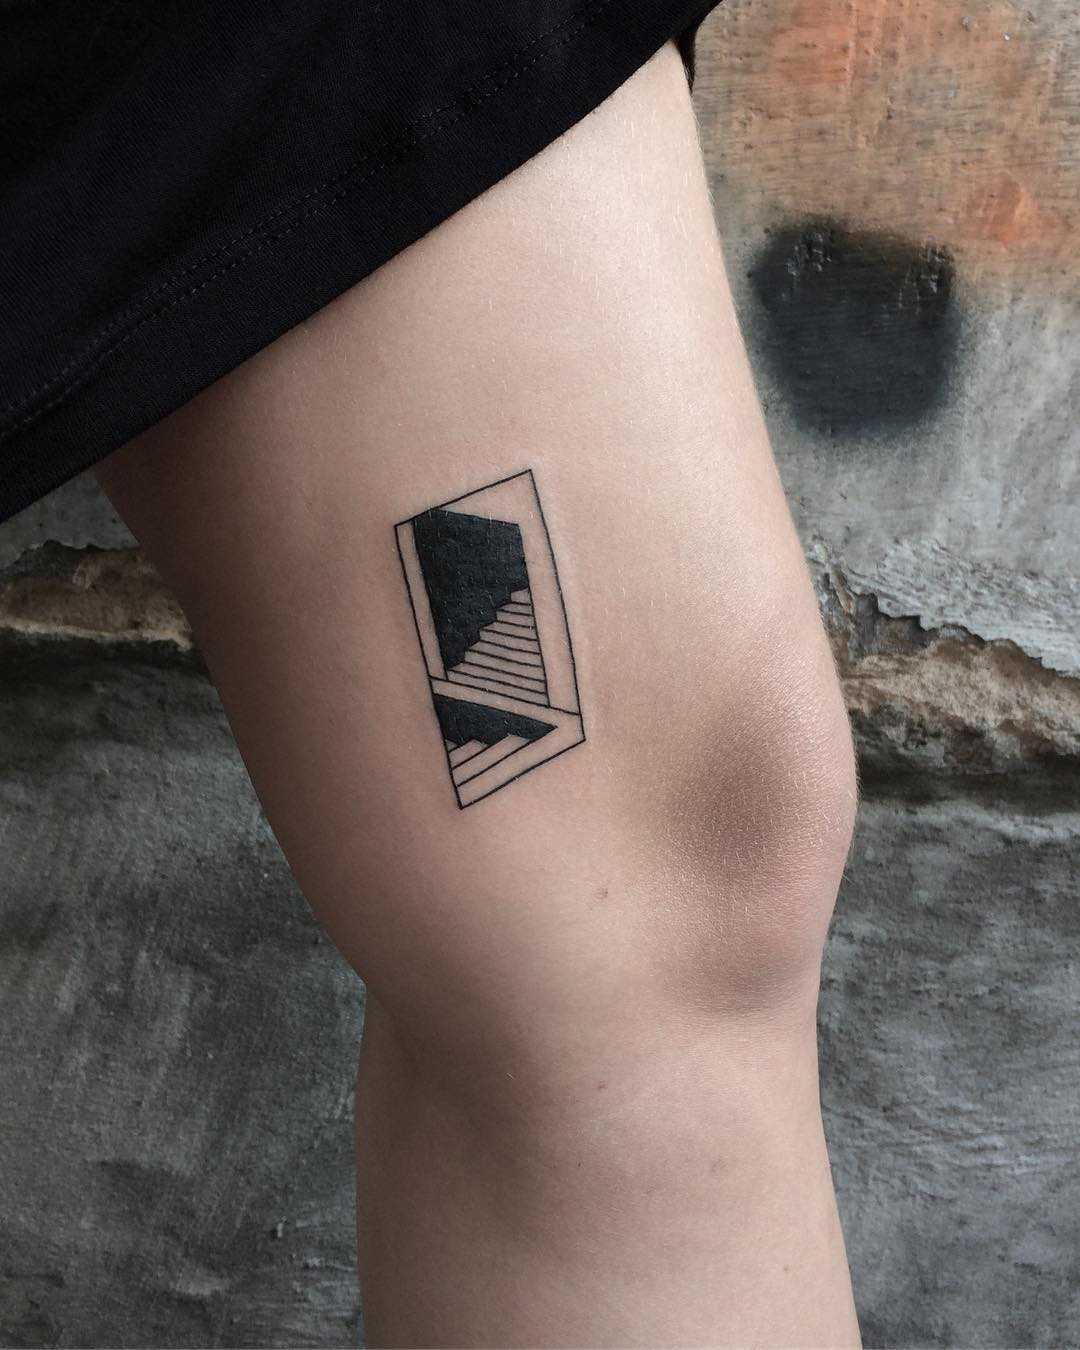 Secret entrance tattoo by @skrzyniarz_